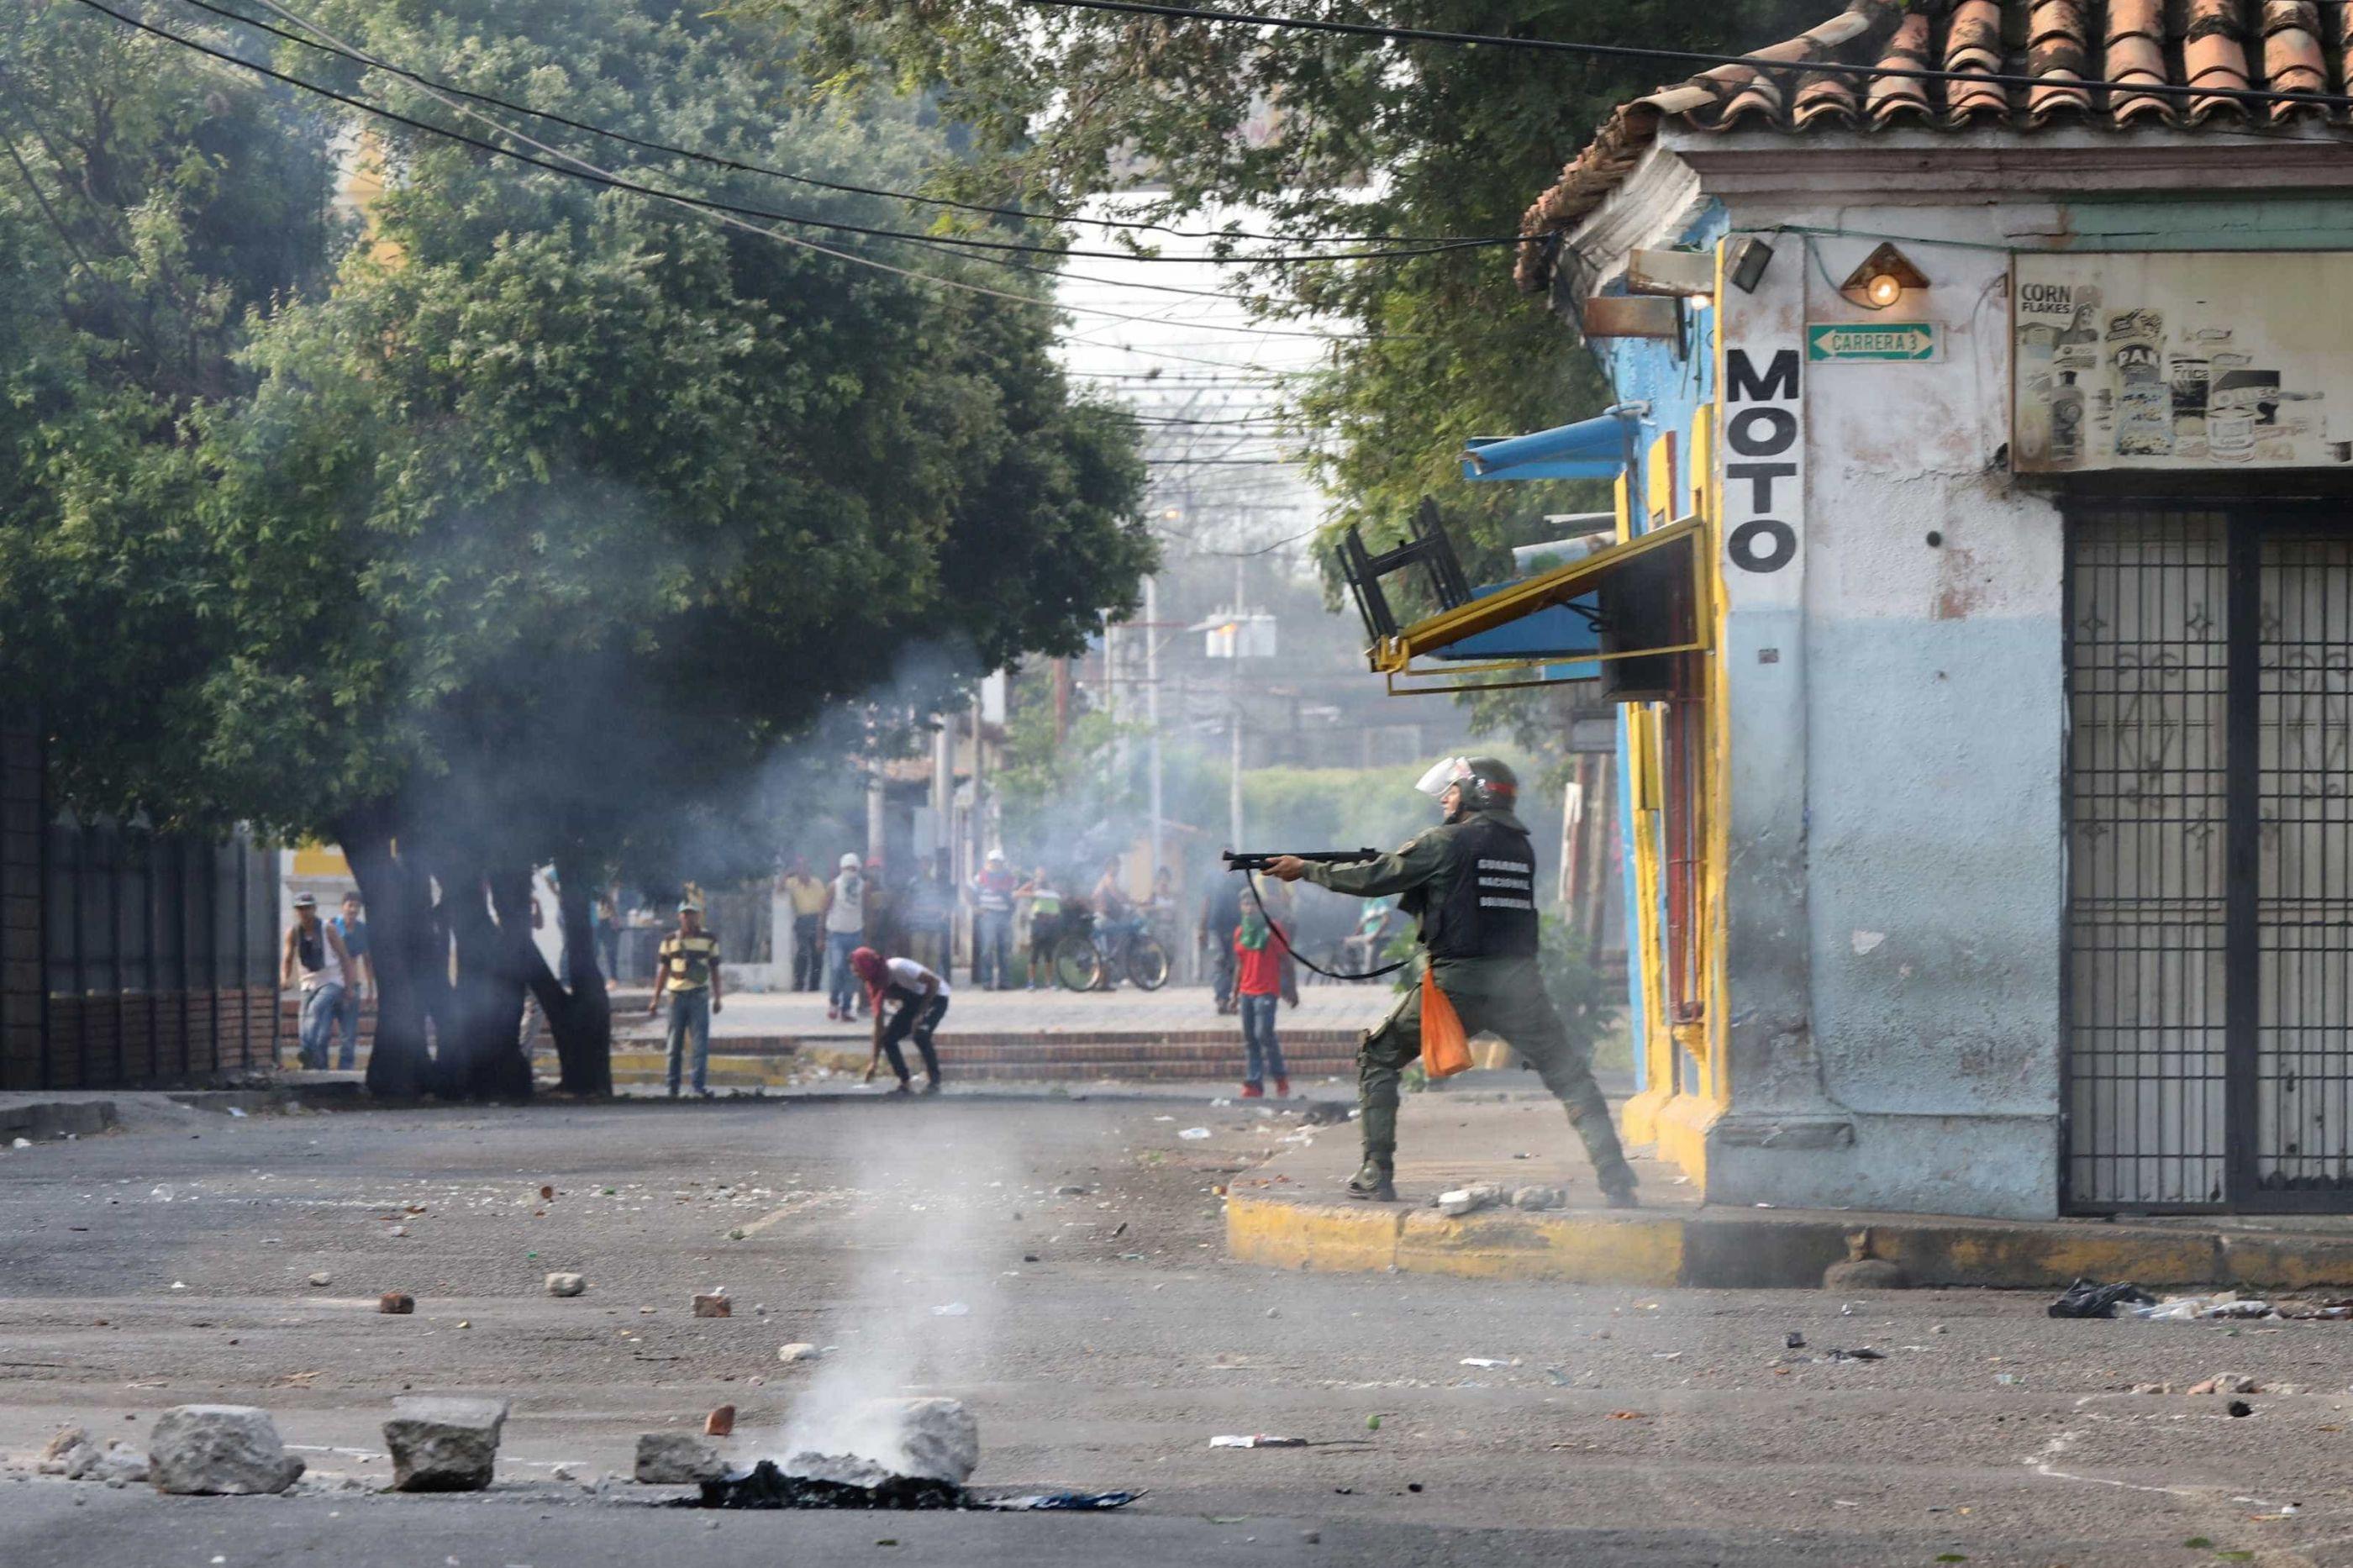 Pedras, fogo e o desespero de quem tenta lutar por ajuda na Venezuela